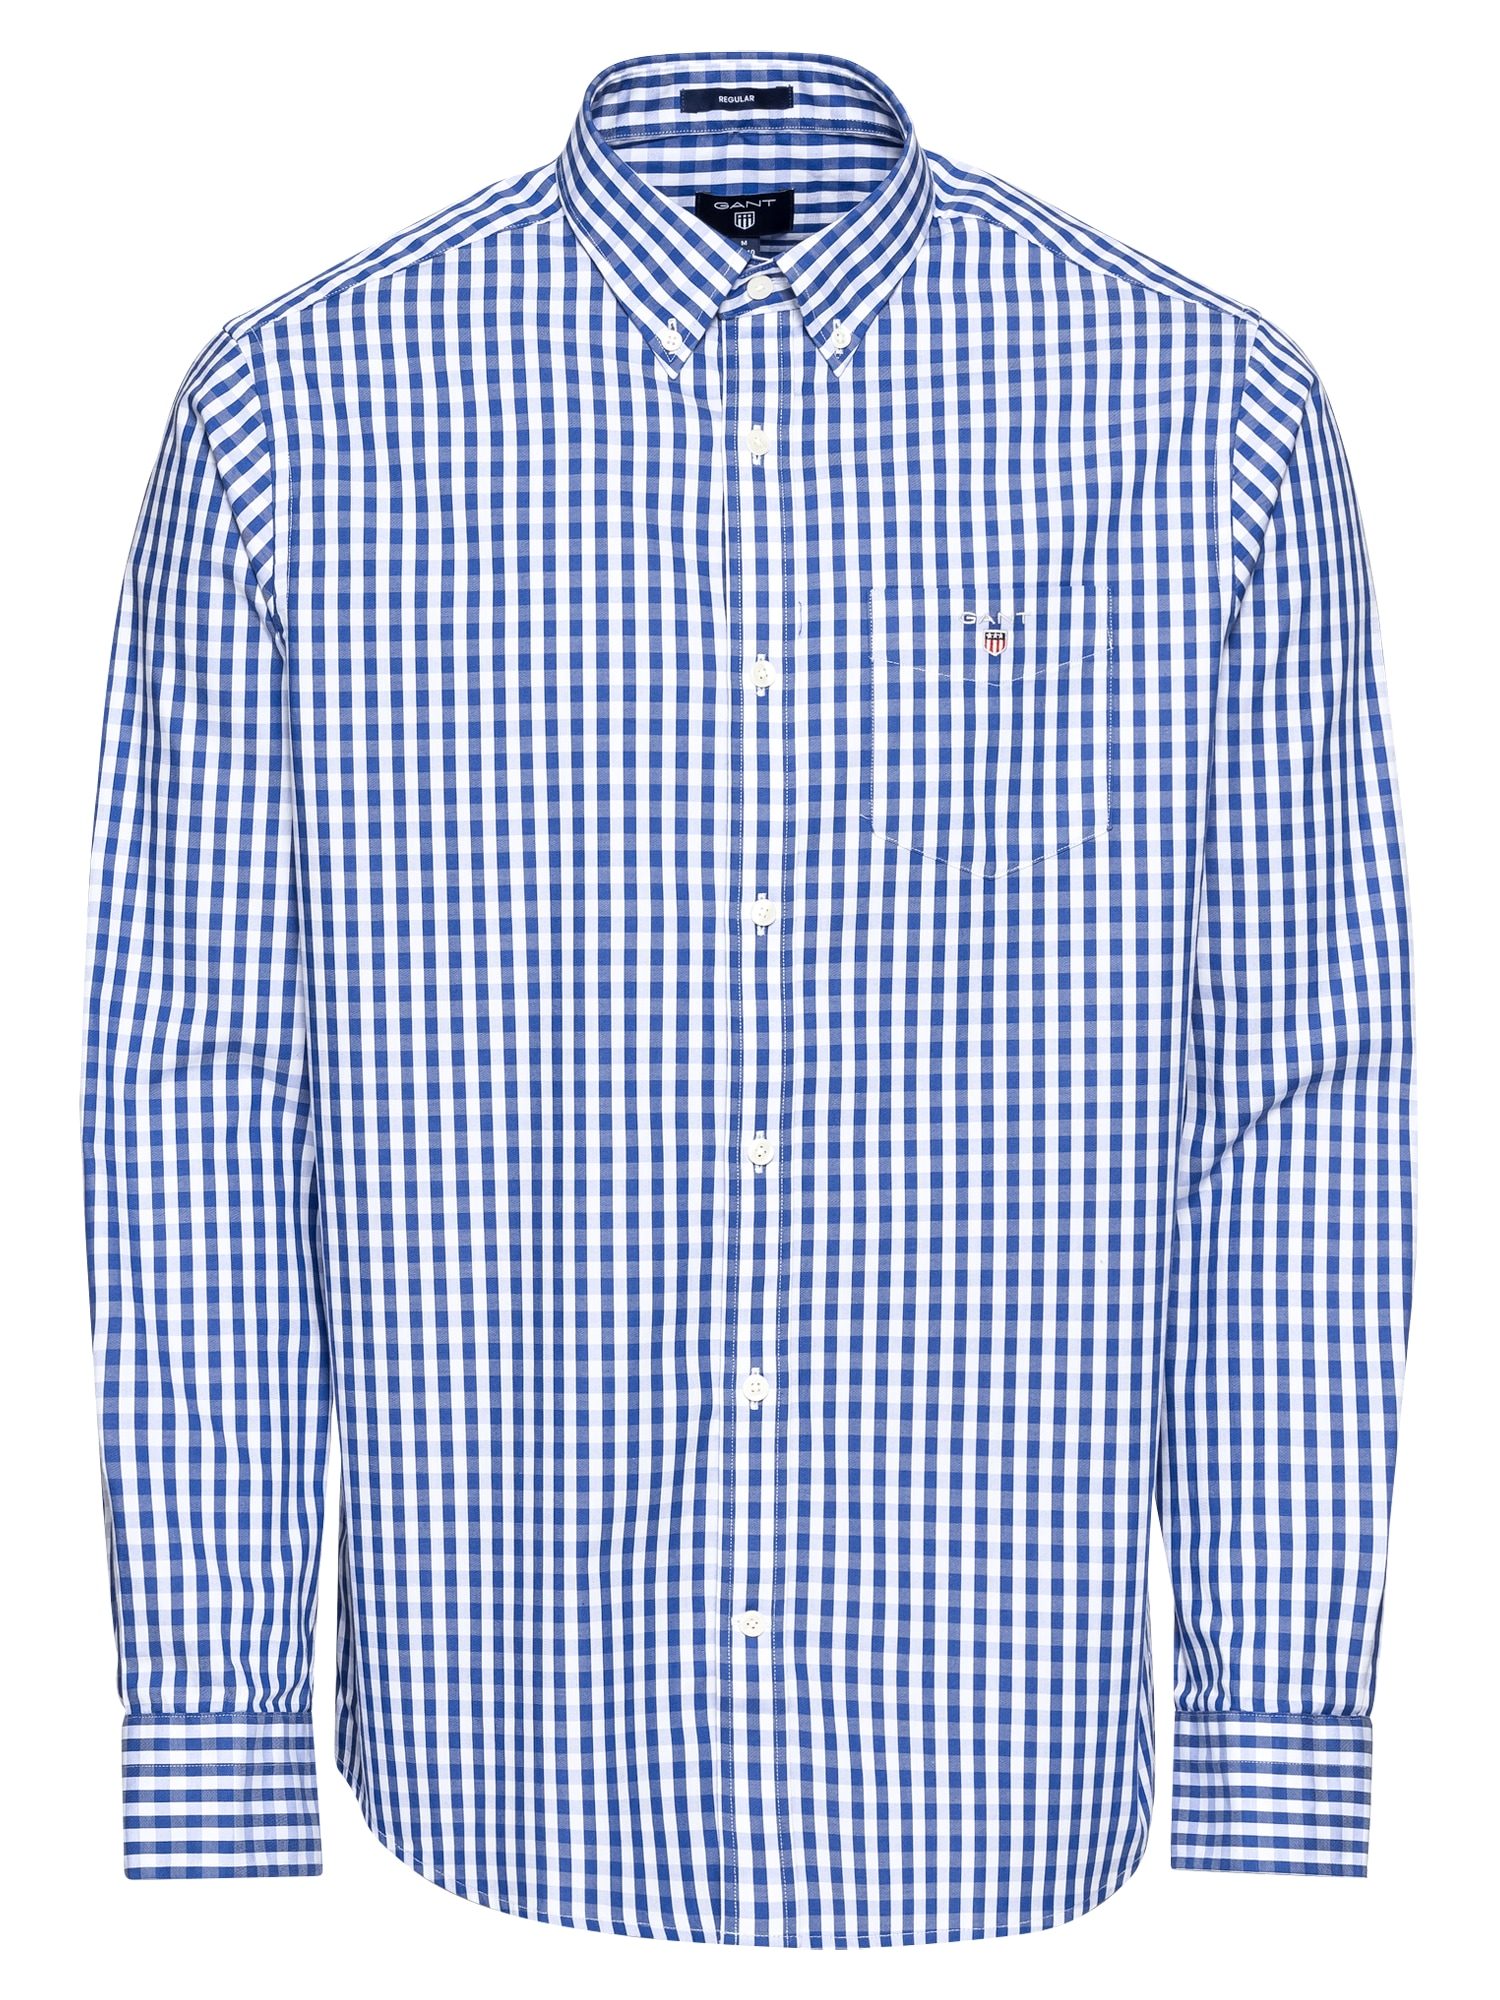 Košile 80's PPO Check modrá bílá GANT